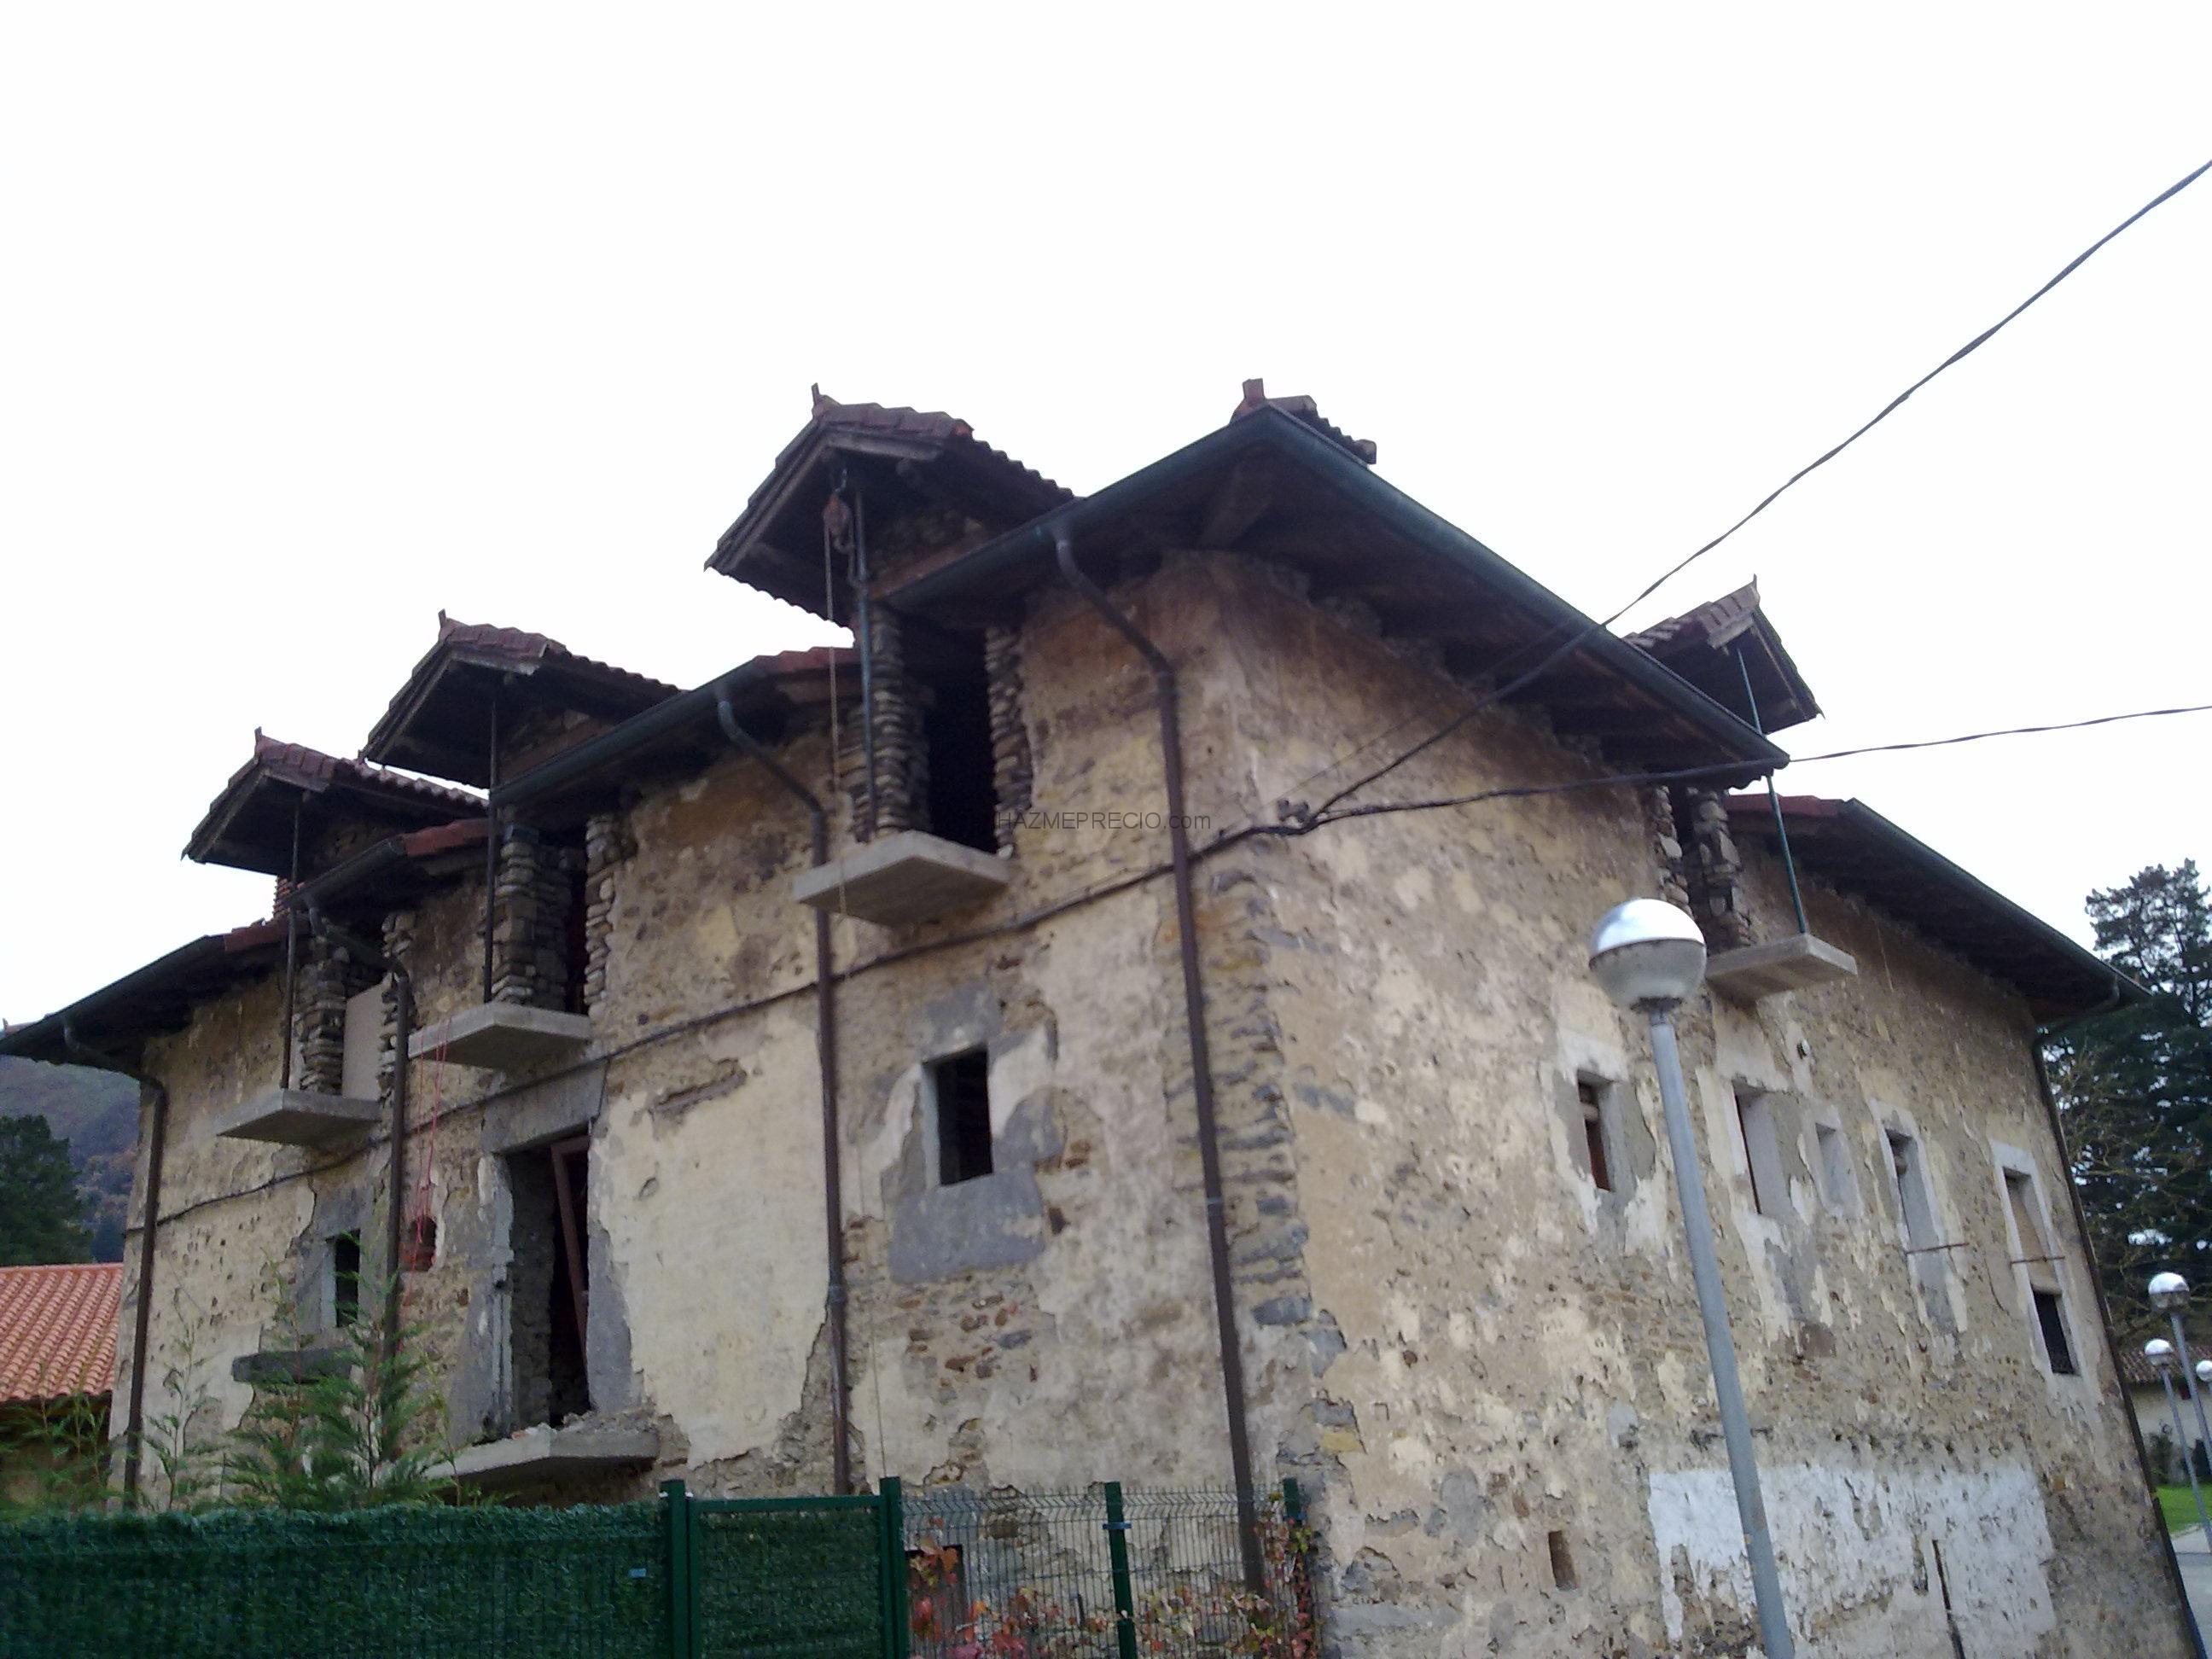 Obras y reformas obresabin 48902 barakaldo vizcaya - Rehabilitacion casas rurales ...